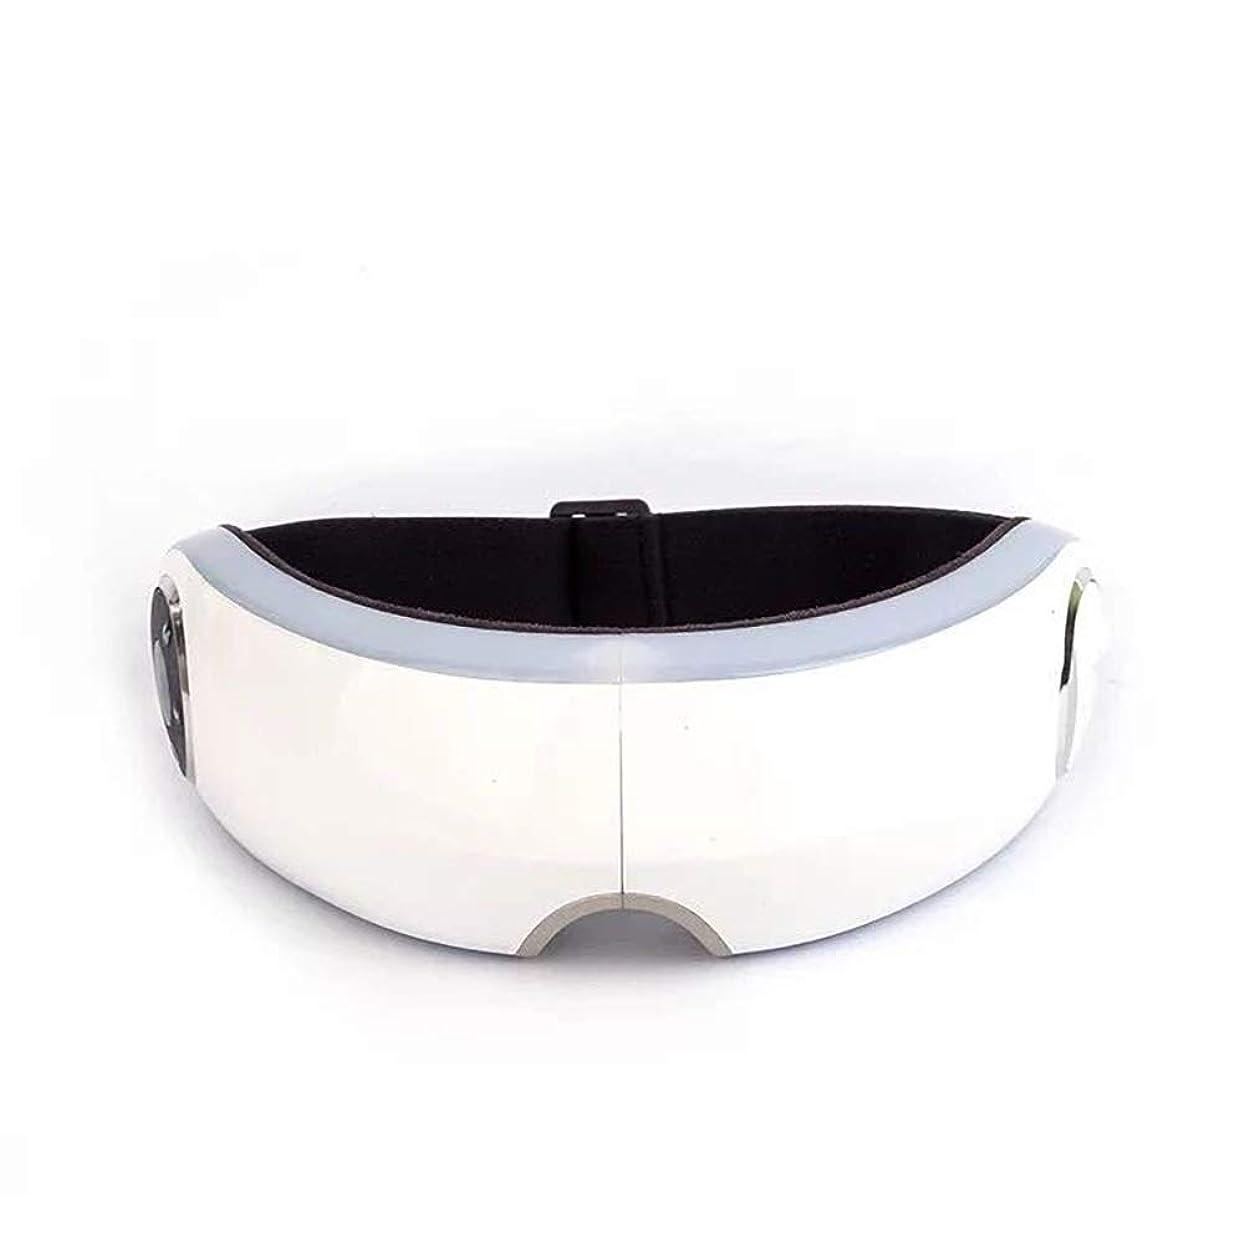 ハンバーガーネット三Vc 女性のファッションアイマッサージャー充電式アイプロテクタービジョントレーナー高品質アイプロテクタースマートマッサージャー 品質保証